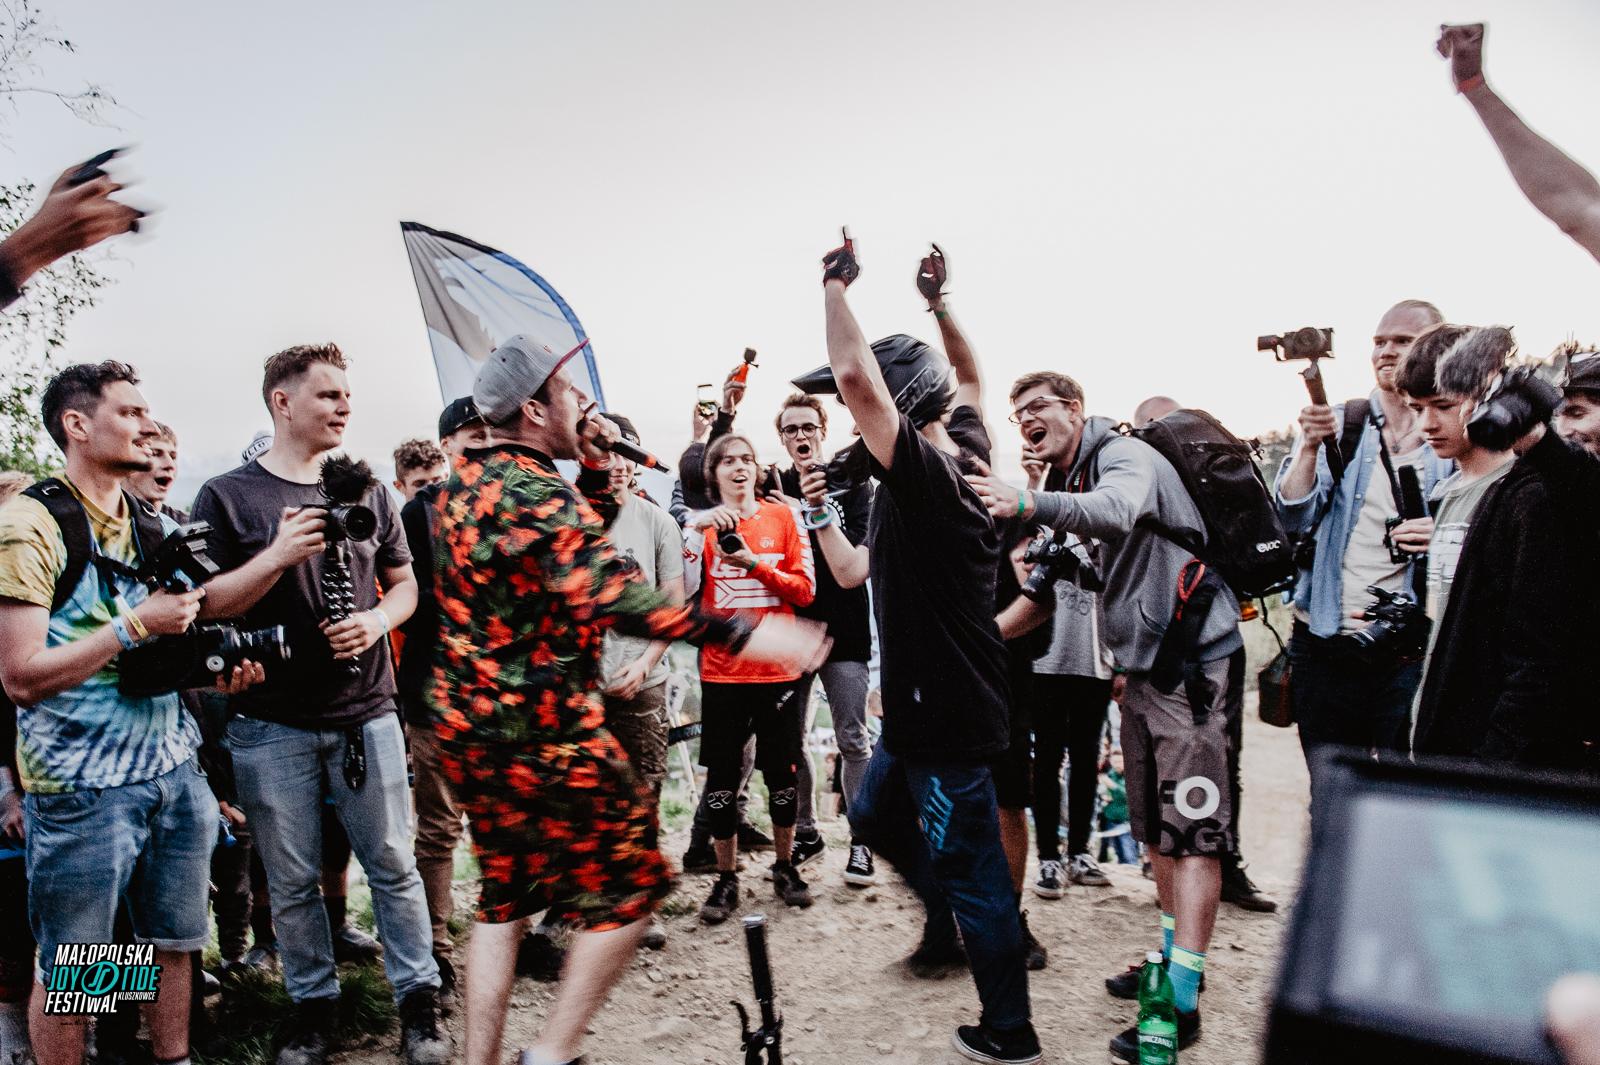 Wystartowały Zapisy na Małopolska Joy Ride Festiwal 2020